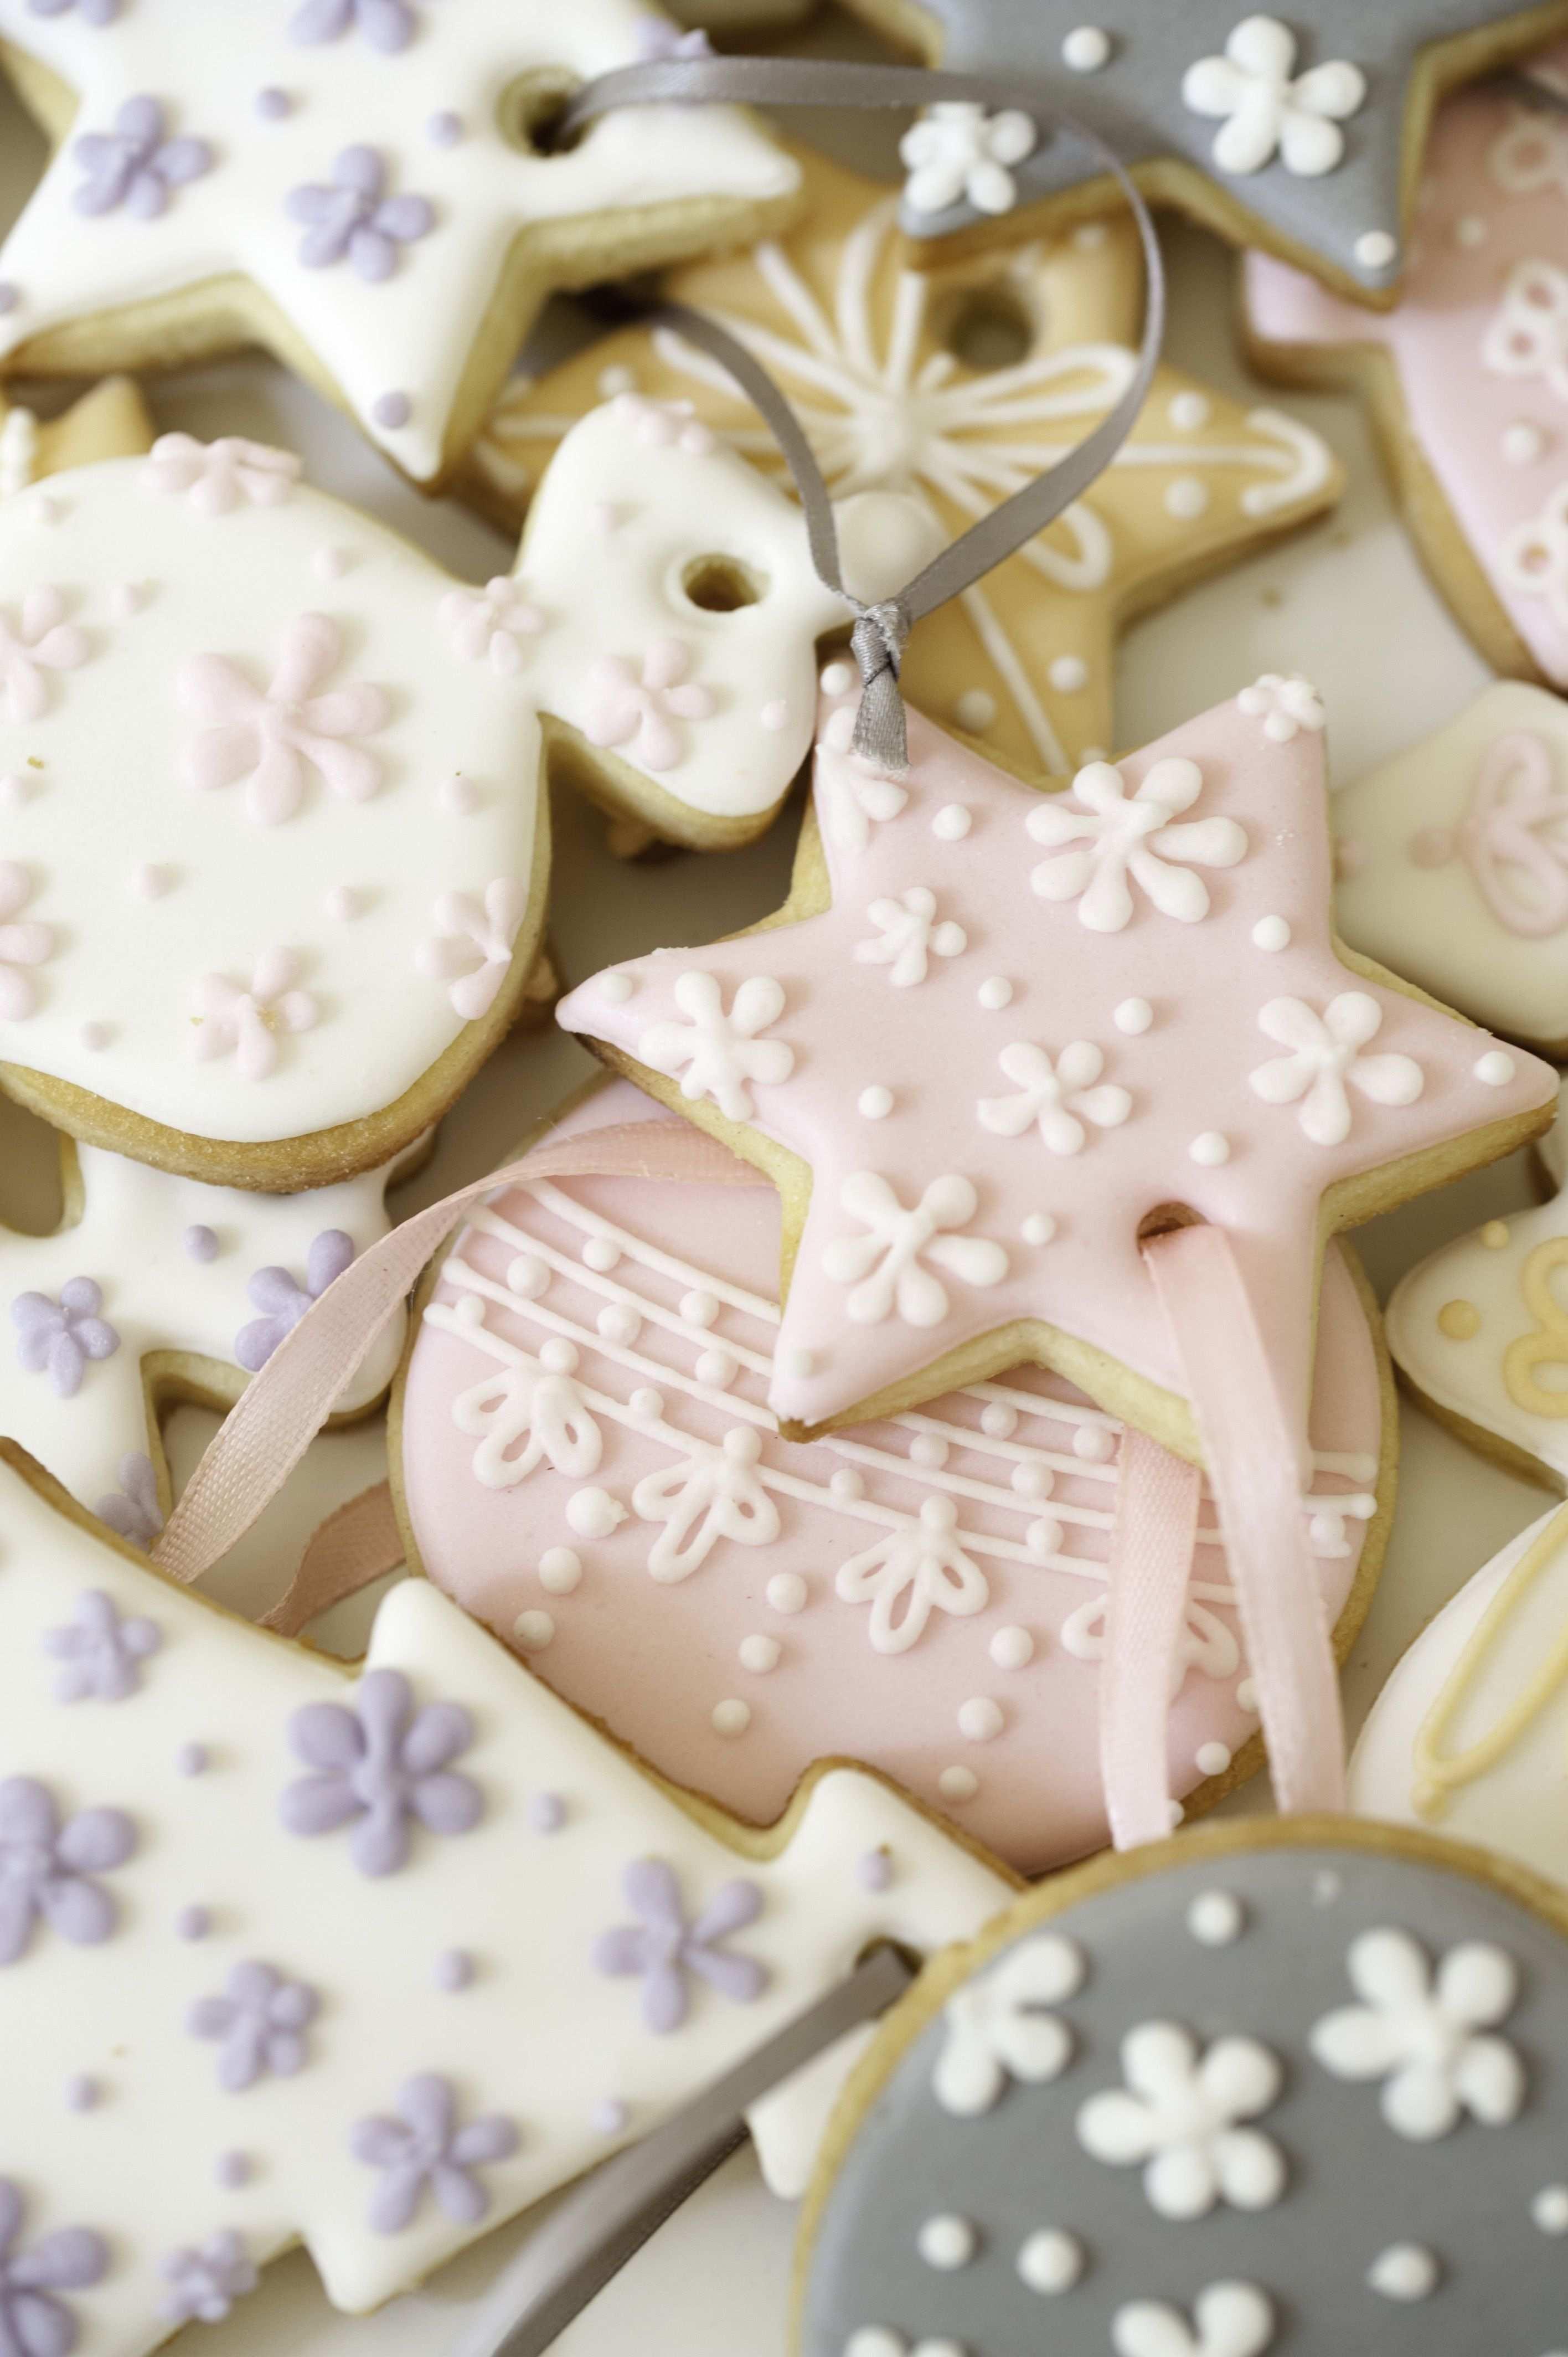 Die Backbox Weihnachtszauber Von Mein Keksdesign Enthalt Alles Was Du Zum Verzieren Von Zauberhaften Weihn Weihnachts Snacks Verzierte Kekse Platzchen Backen